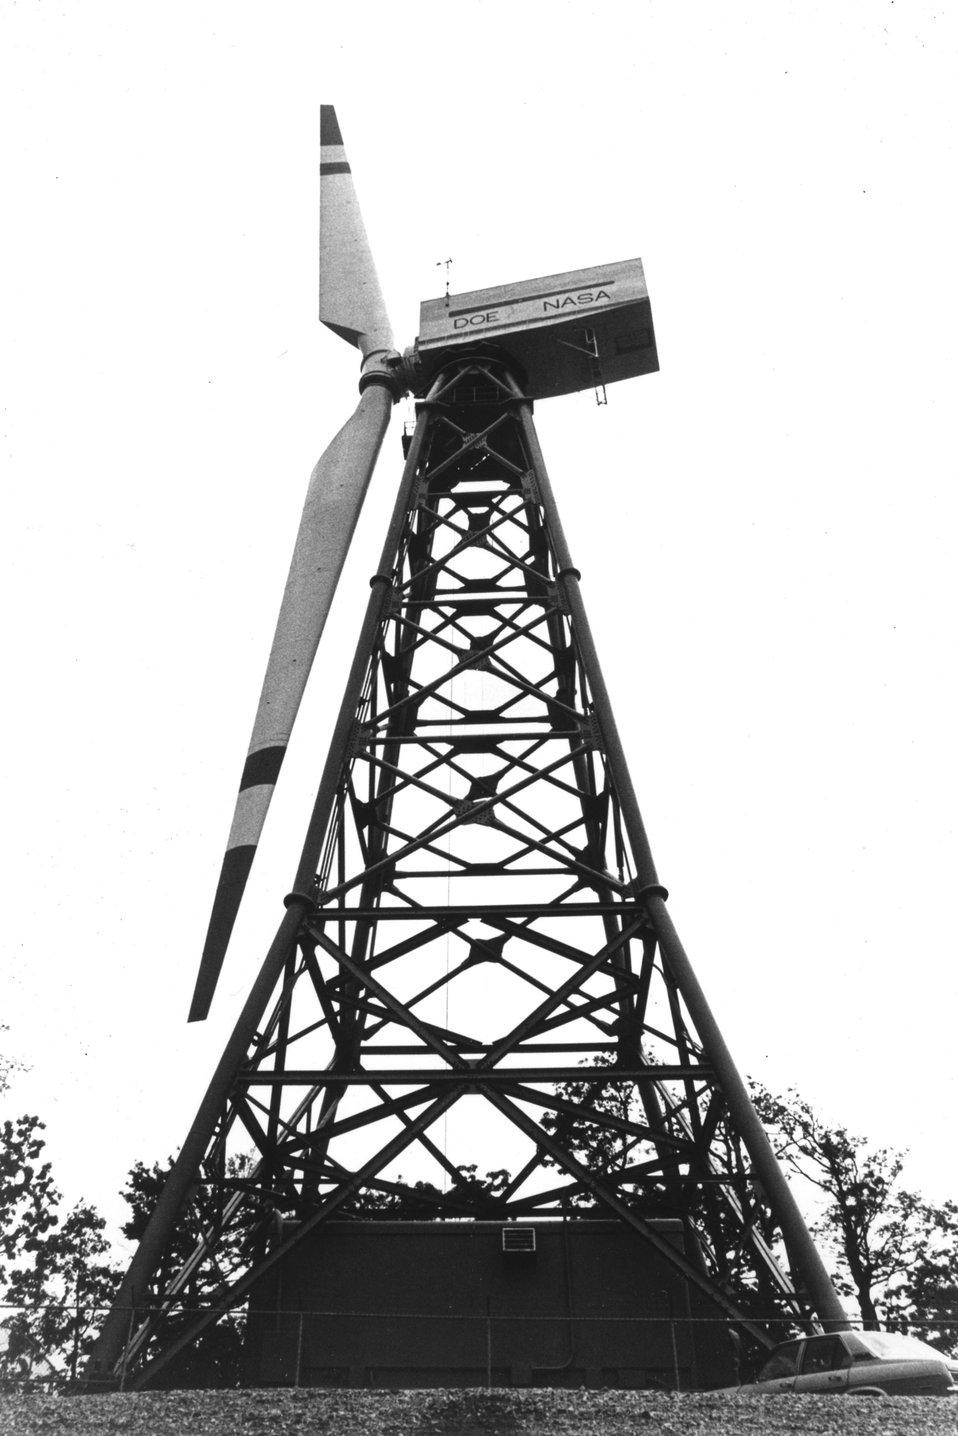 HD.11C.026